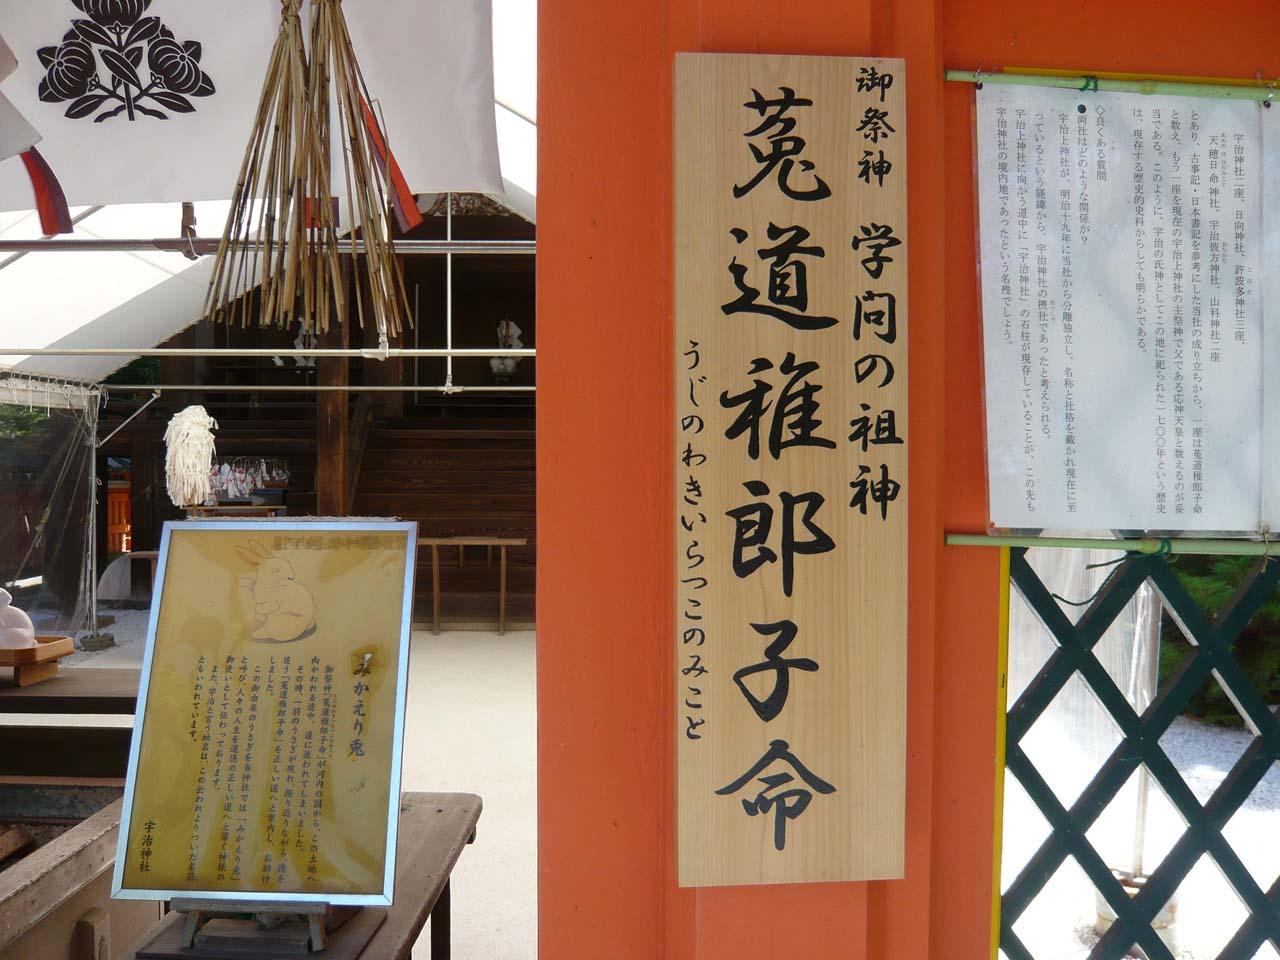 宇治神社 ご祭神